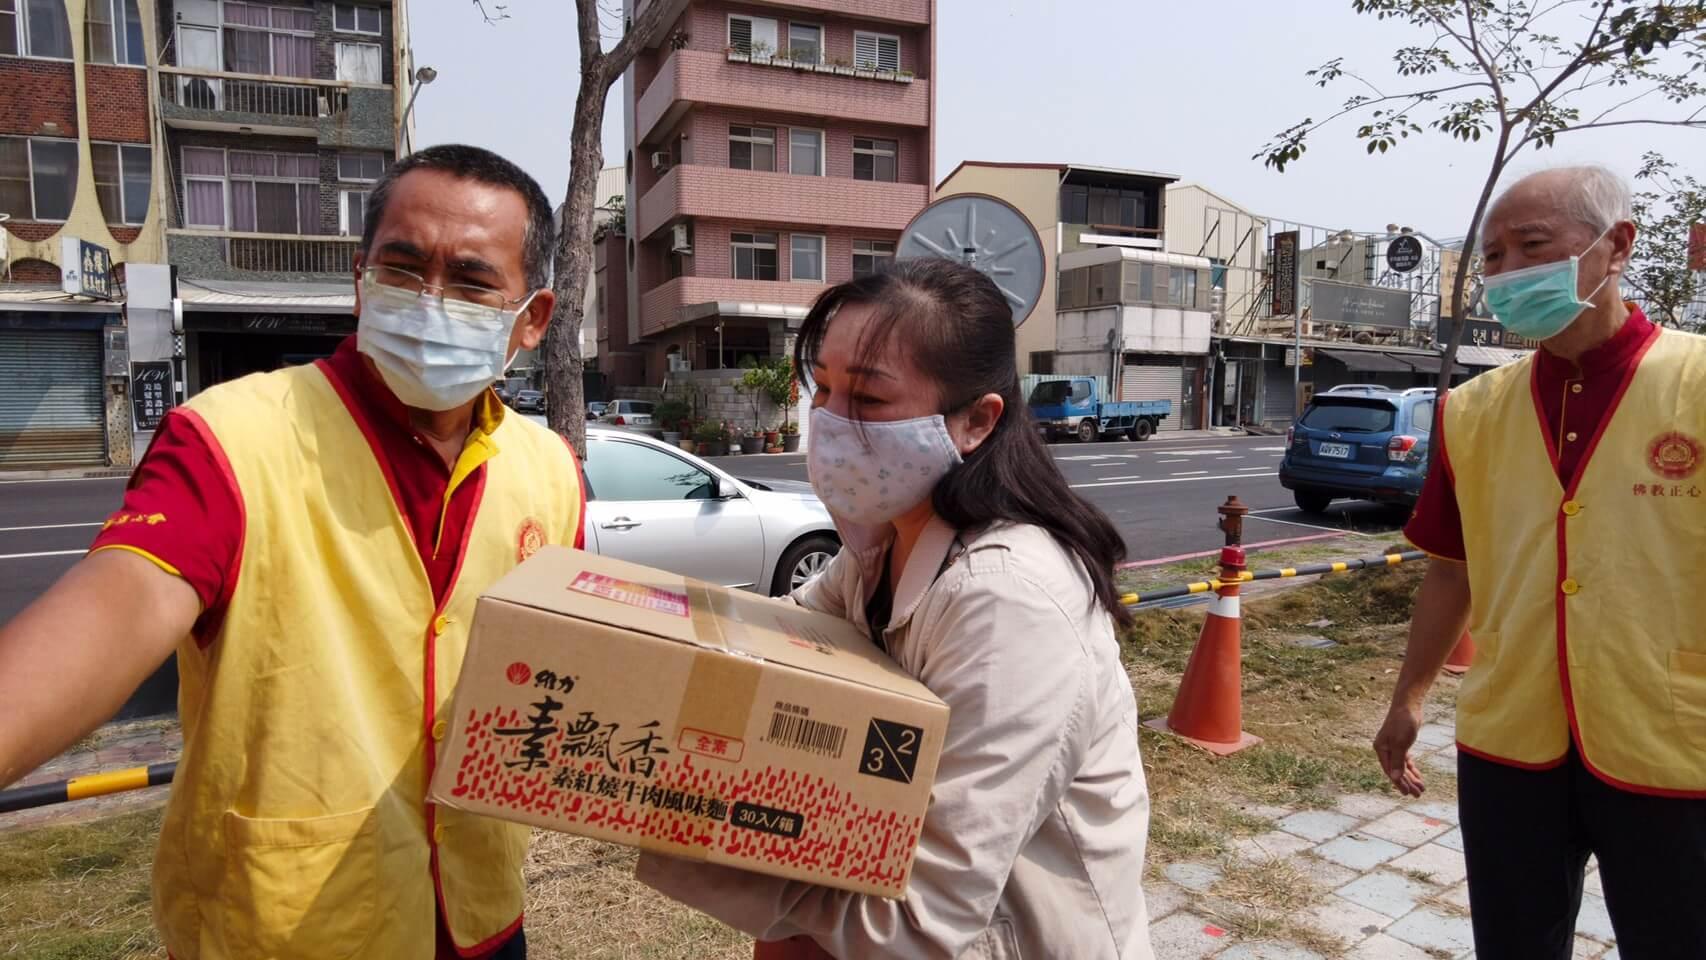 行動佛殿130站台南大興公園,觀音大悲感召加持法會,發送愛心物資